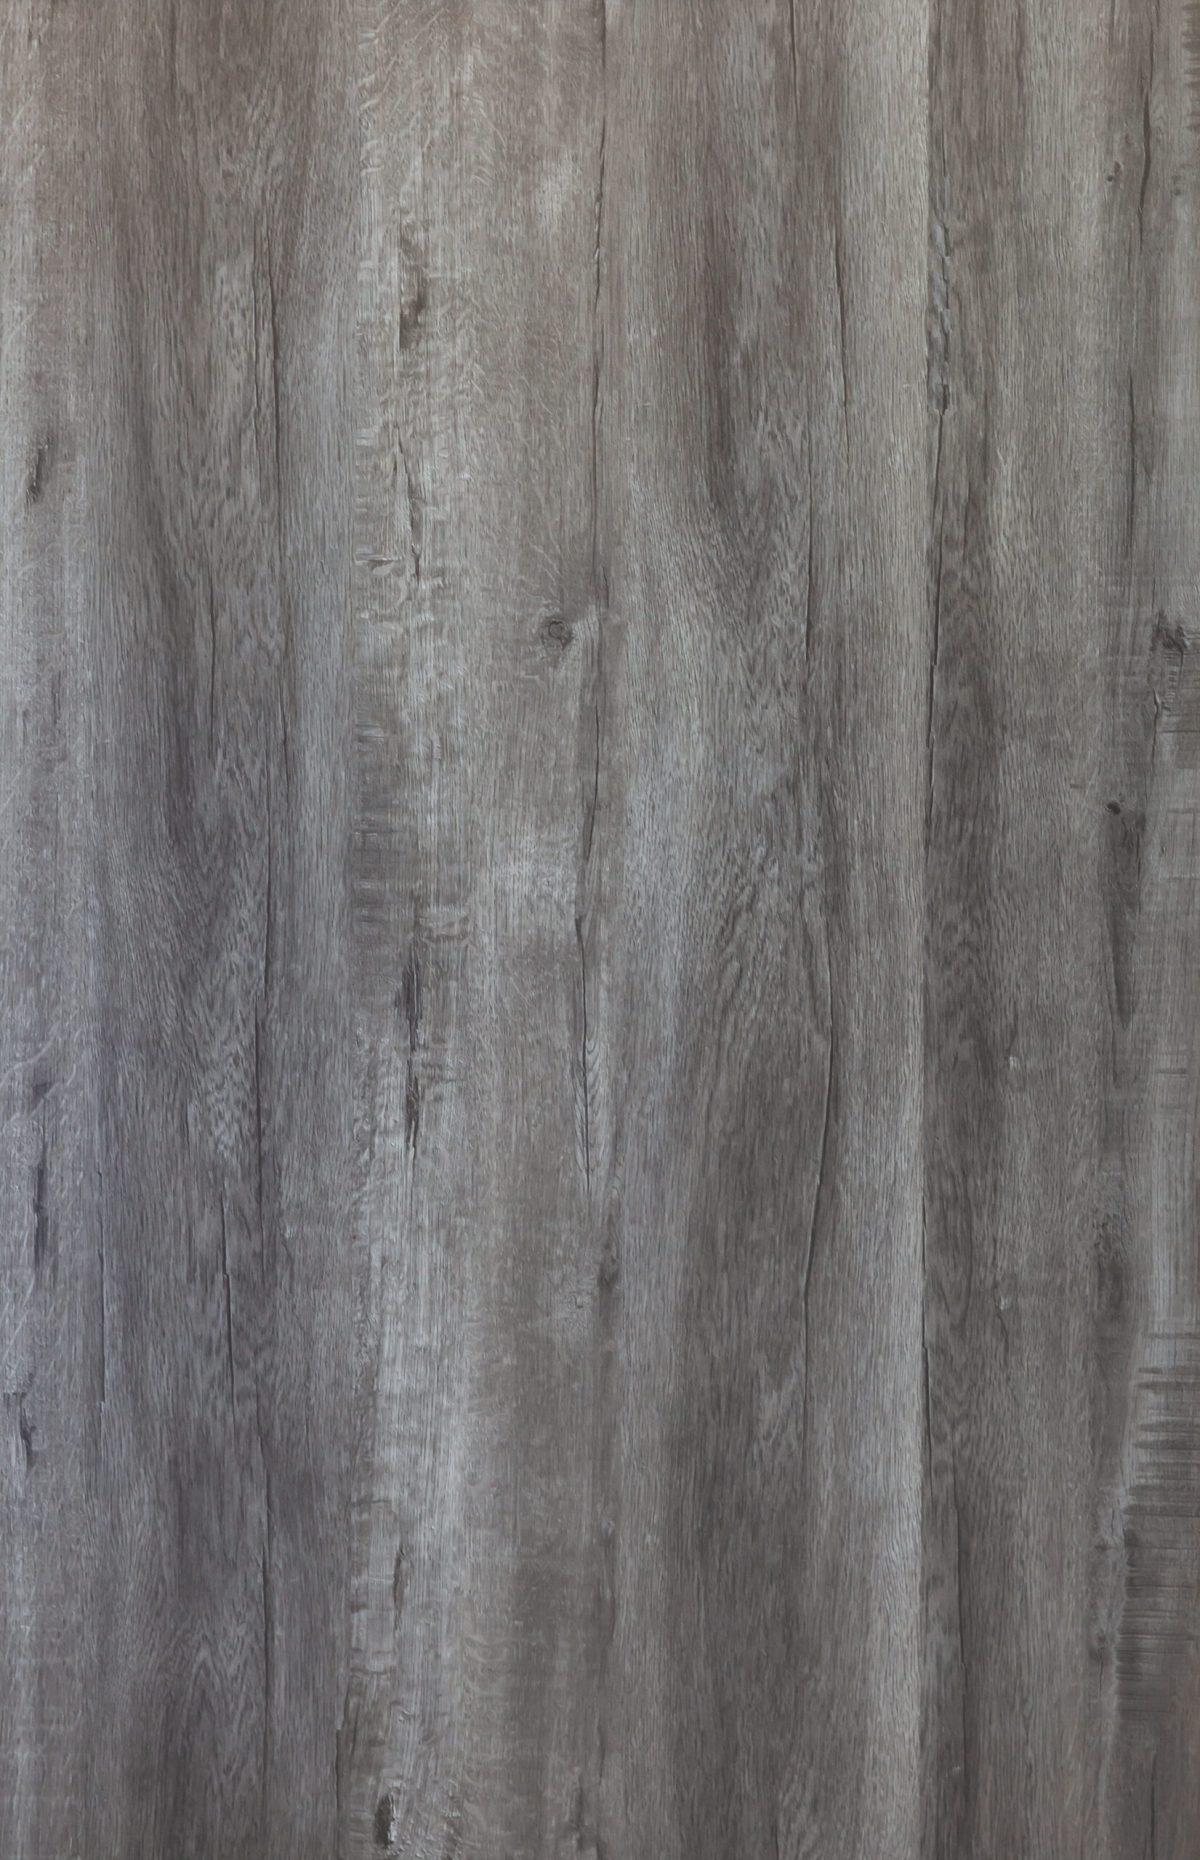 90778-16P Bayou Cypress Image